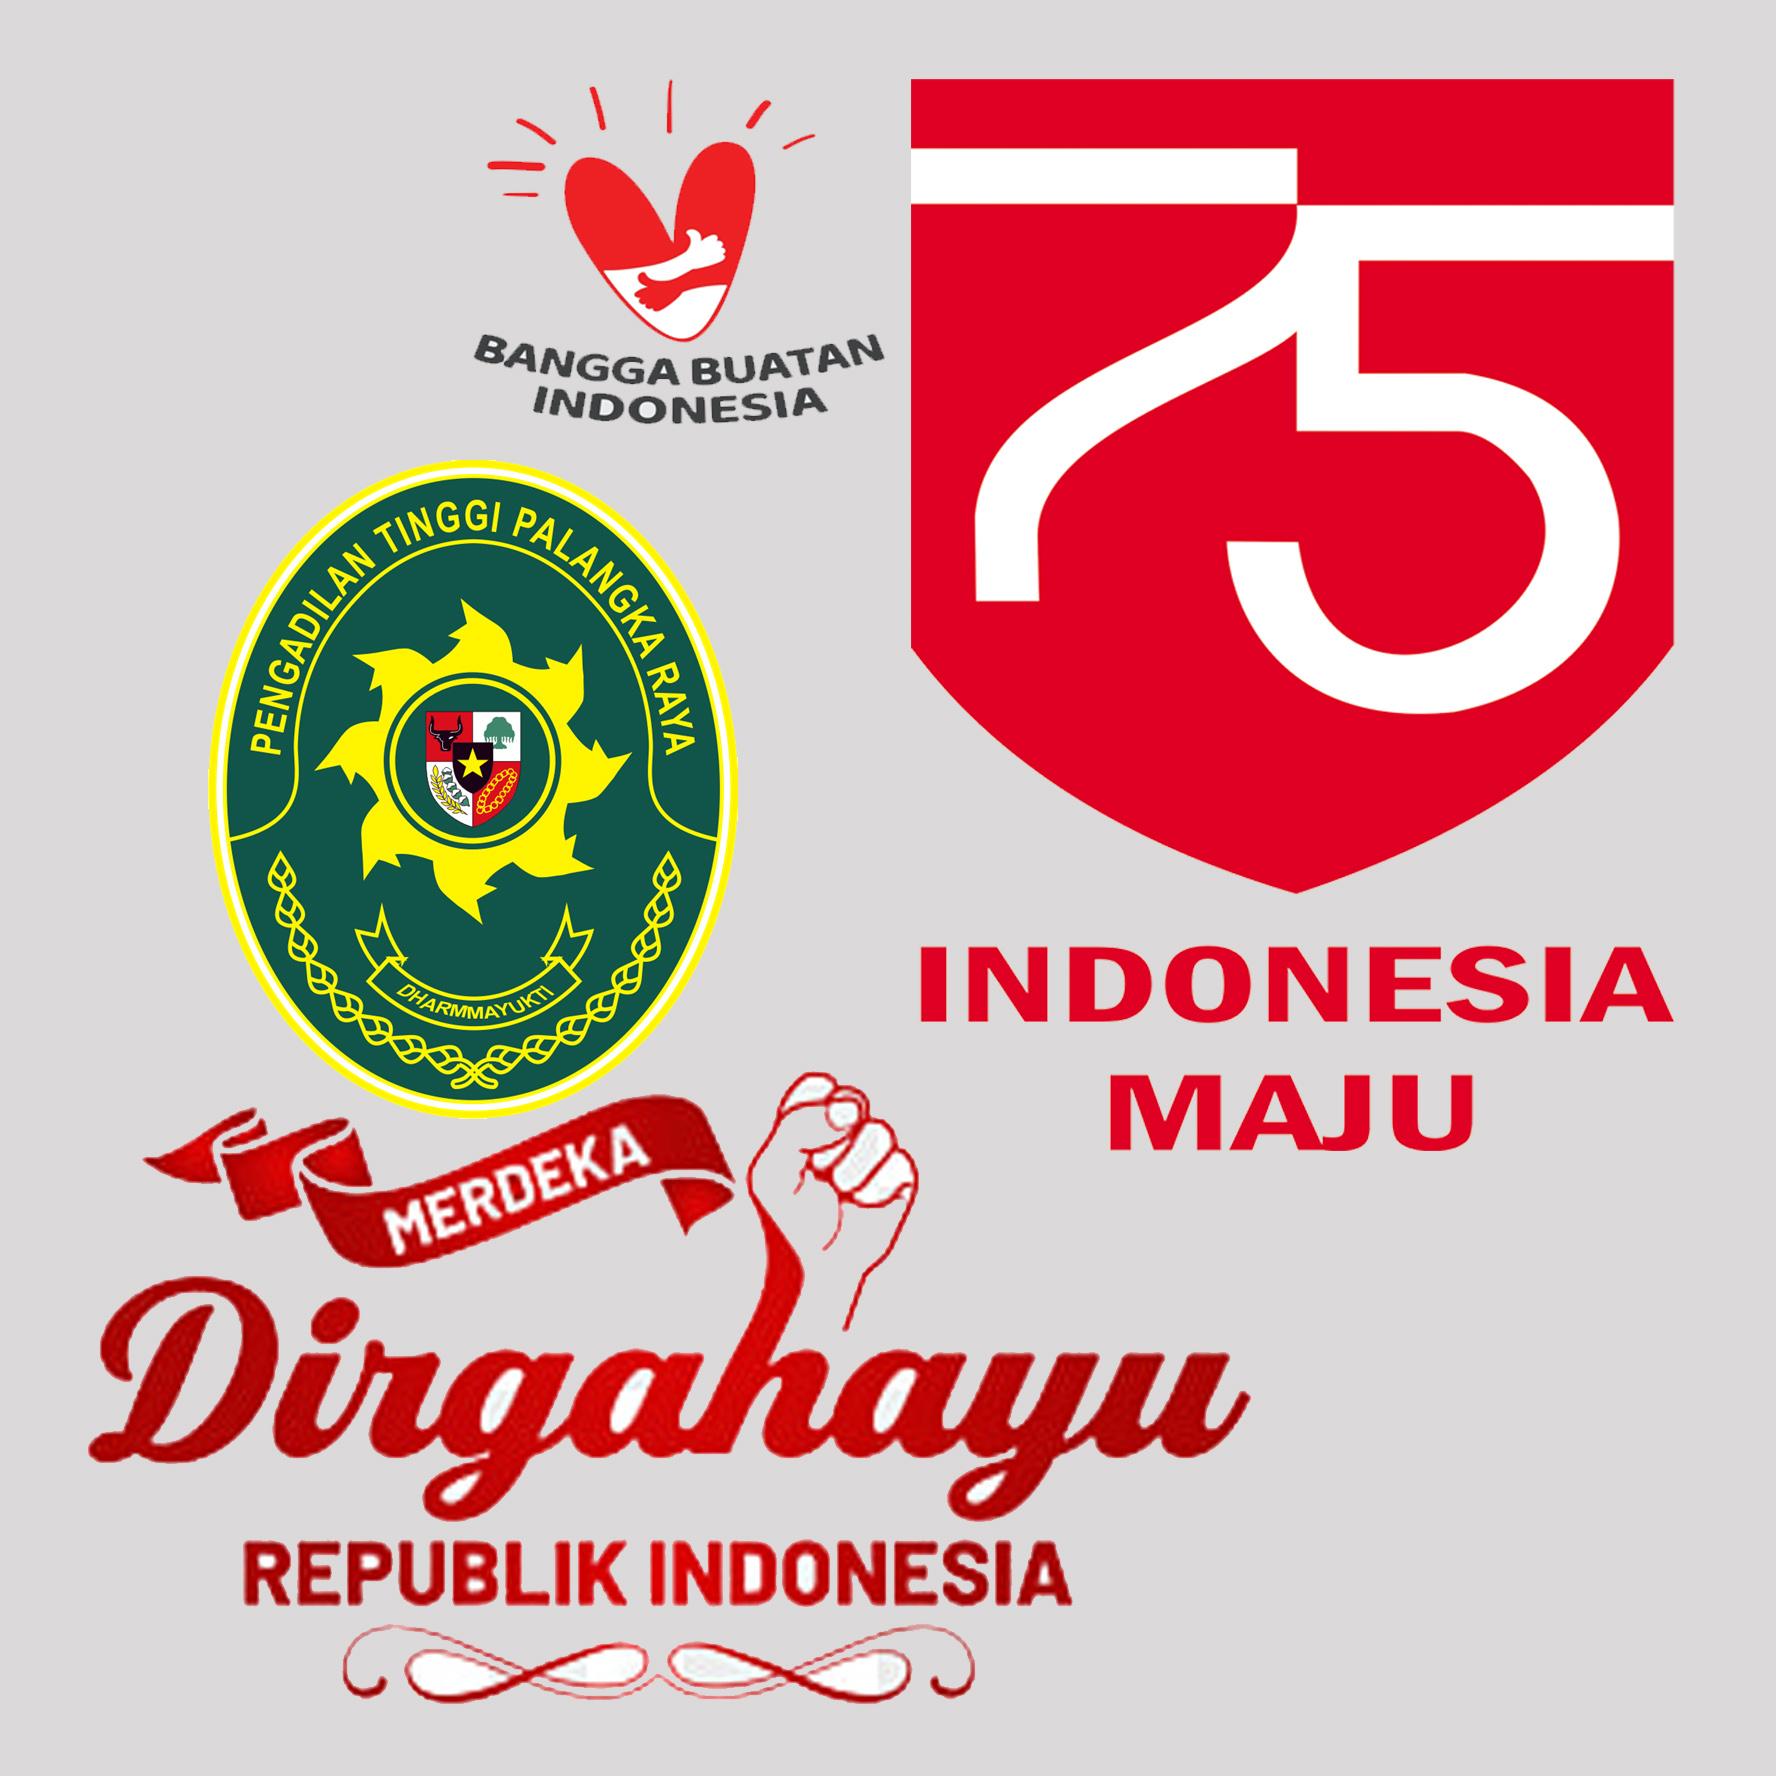 INDONESIA MAJU